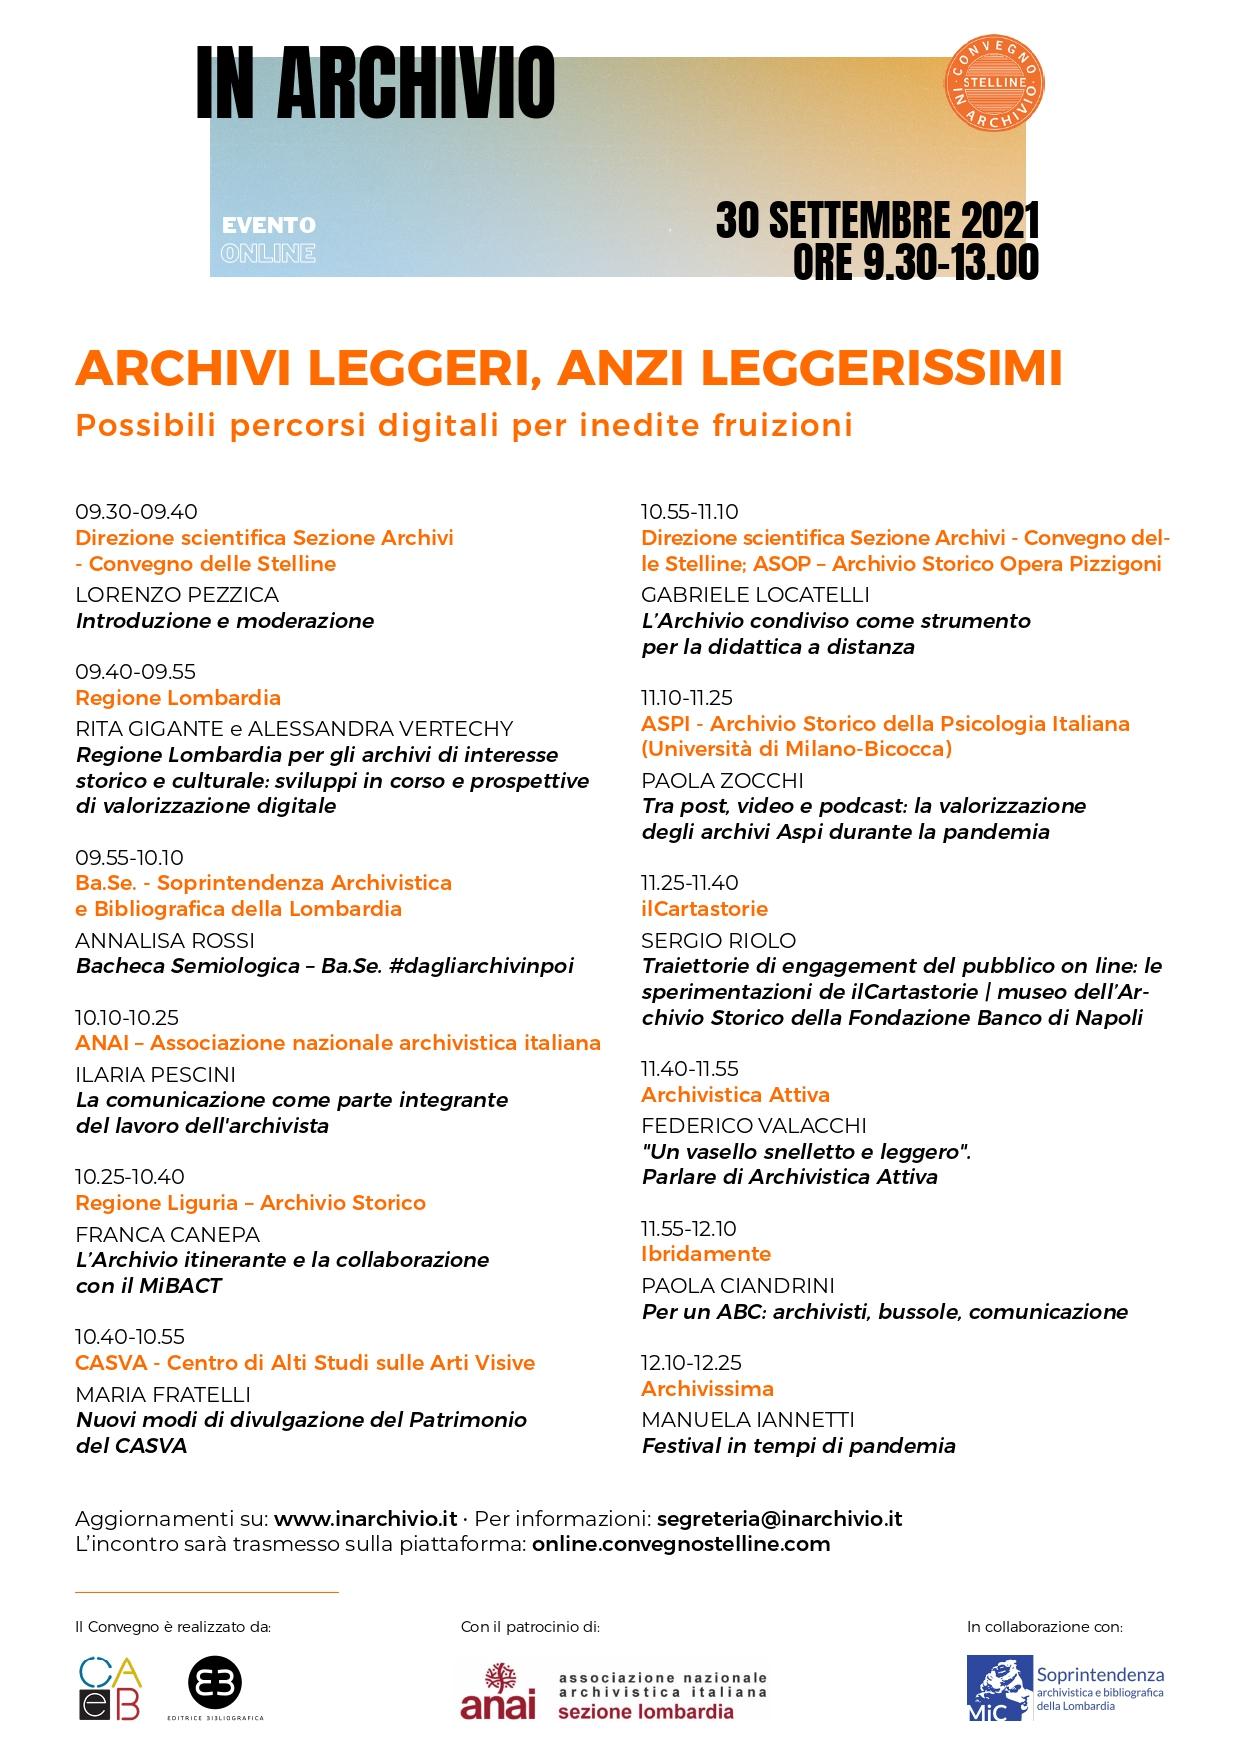 """Convegno """"In Archivio. Archivi leggeri, anzi leggerissimi"""""""